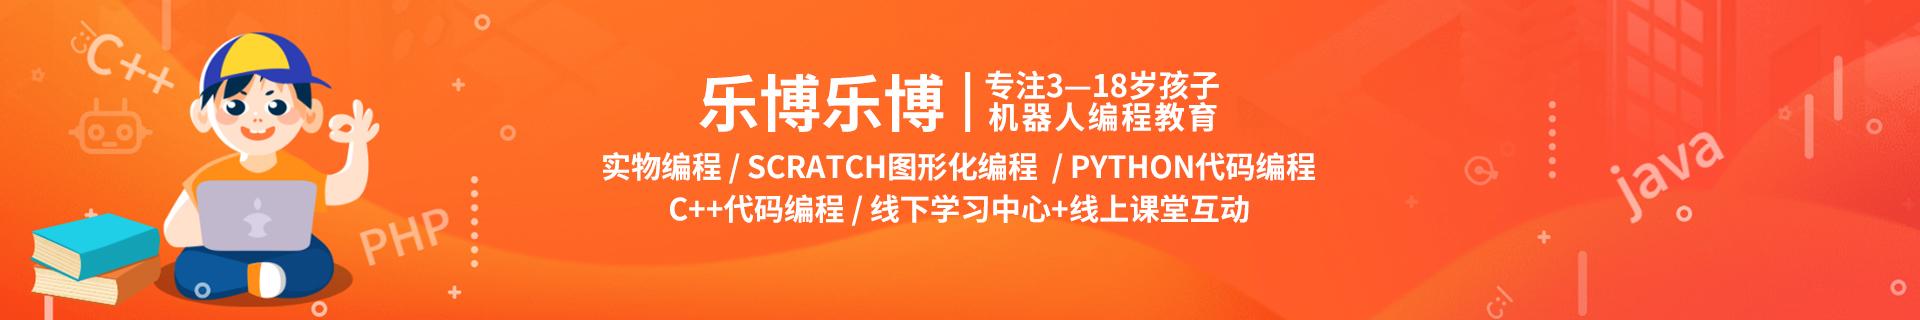 惠州高新乐博乐博少儿编程机构